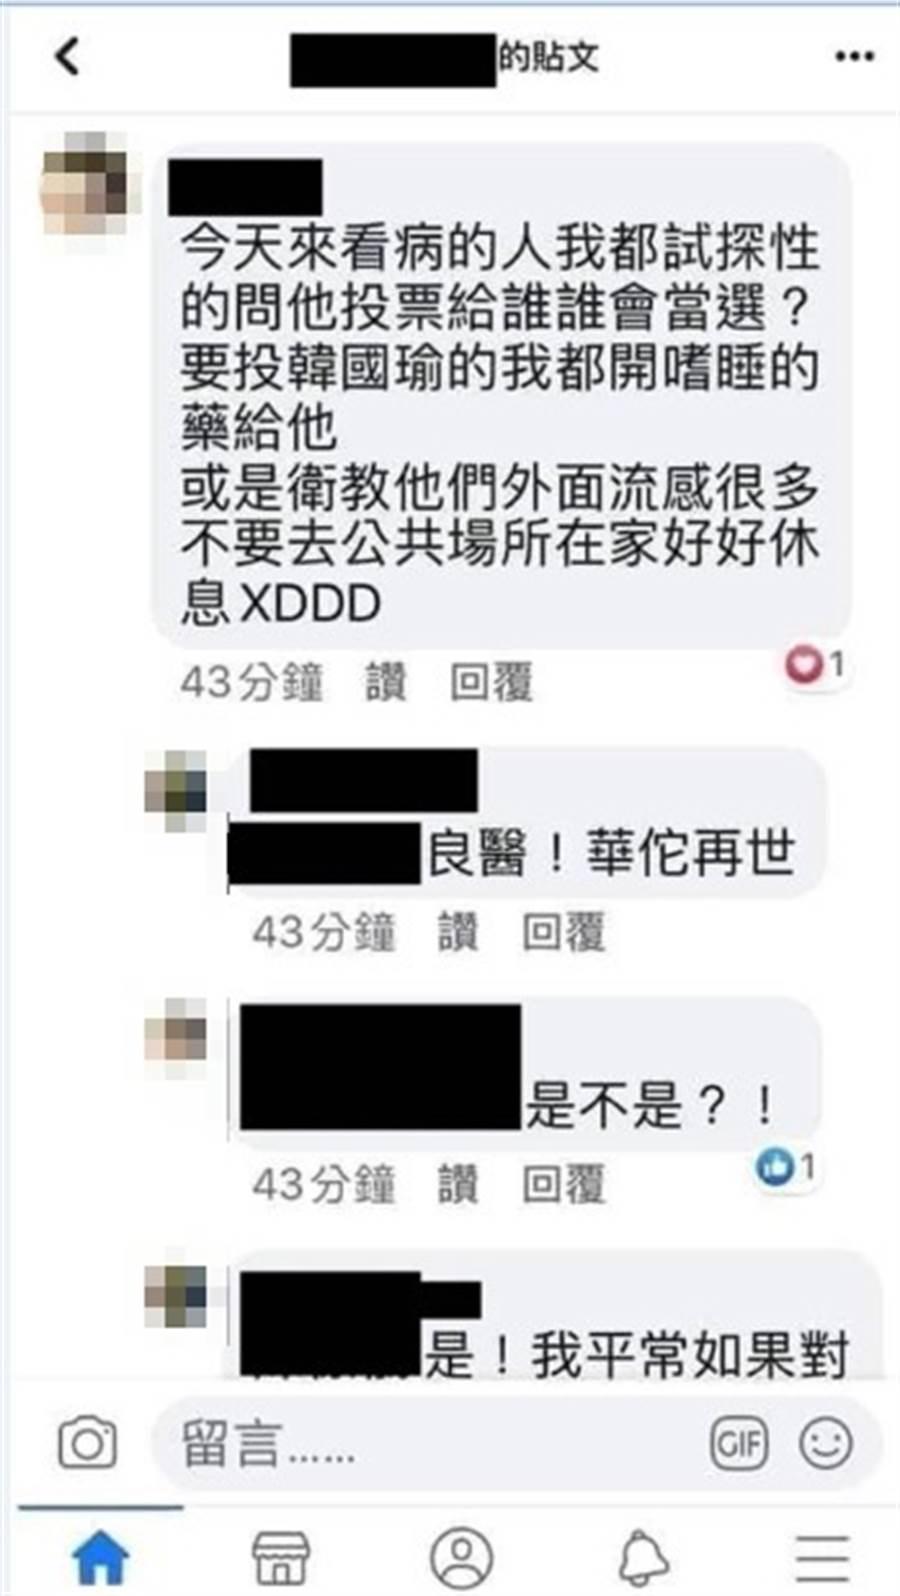 陳姓醫師開玩笑留言,引發不小爭議。(詹江村提供/甘嘉雯桃園傳真)